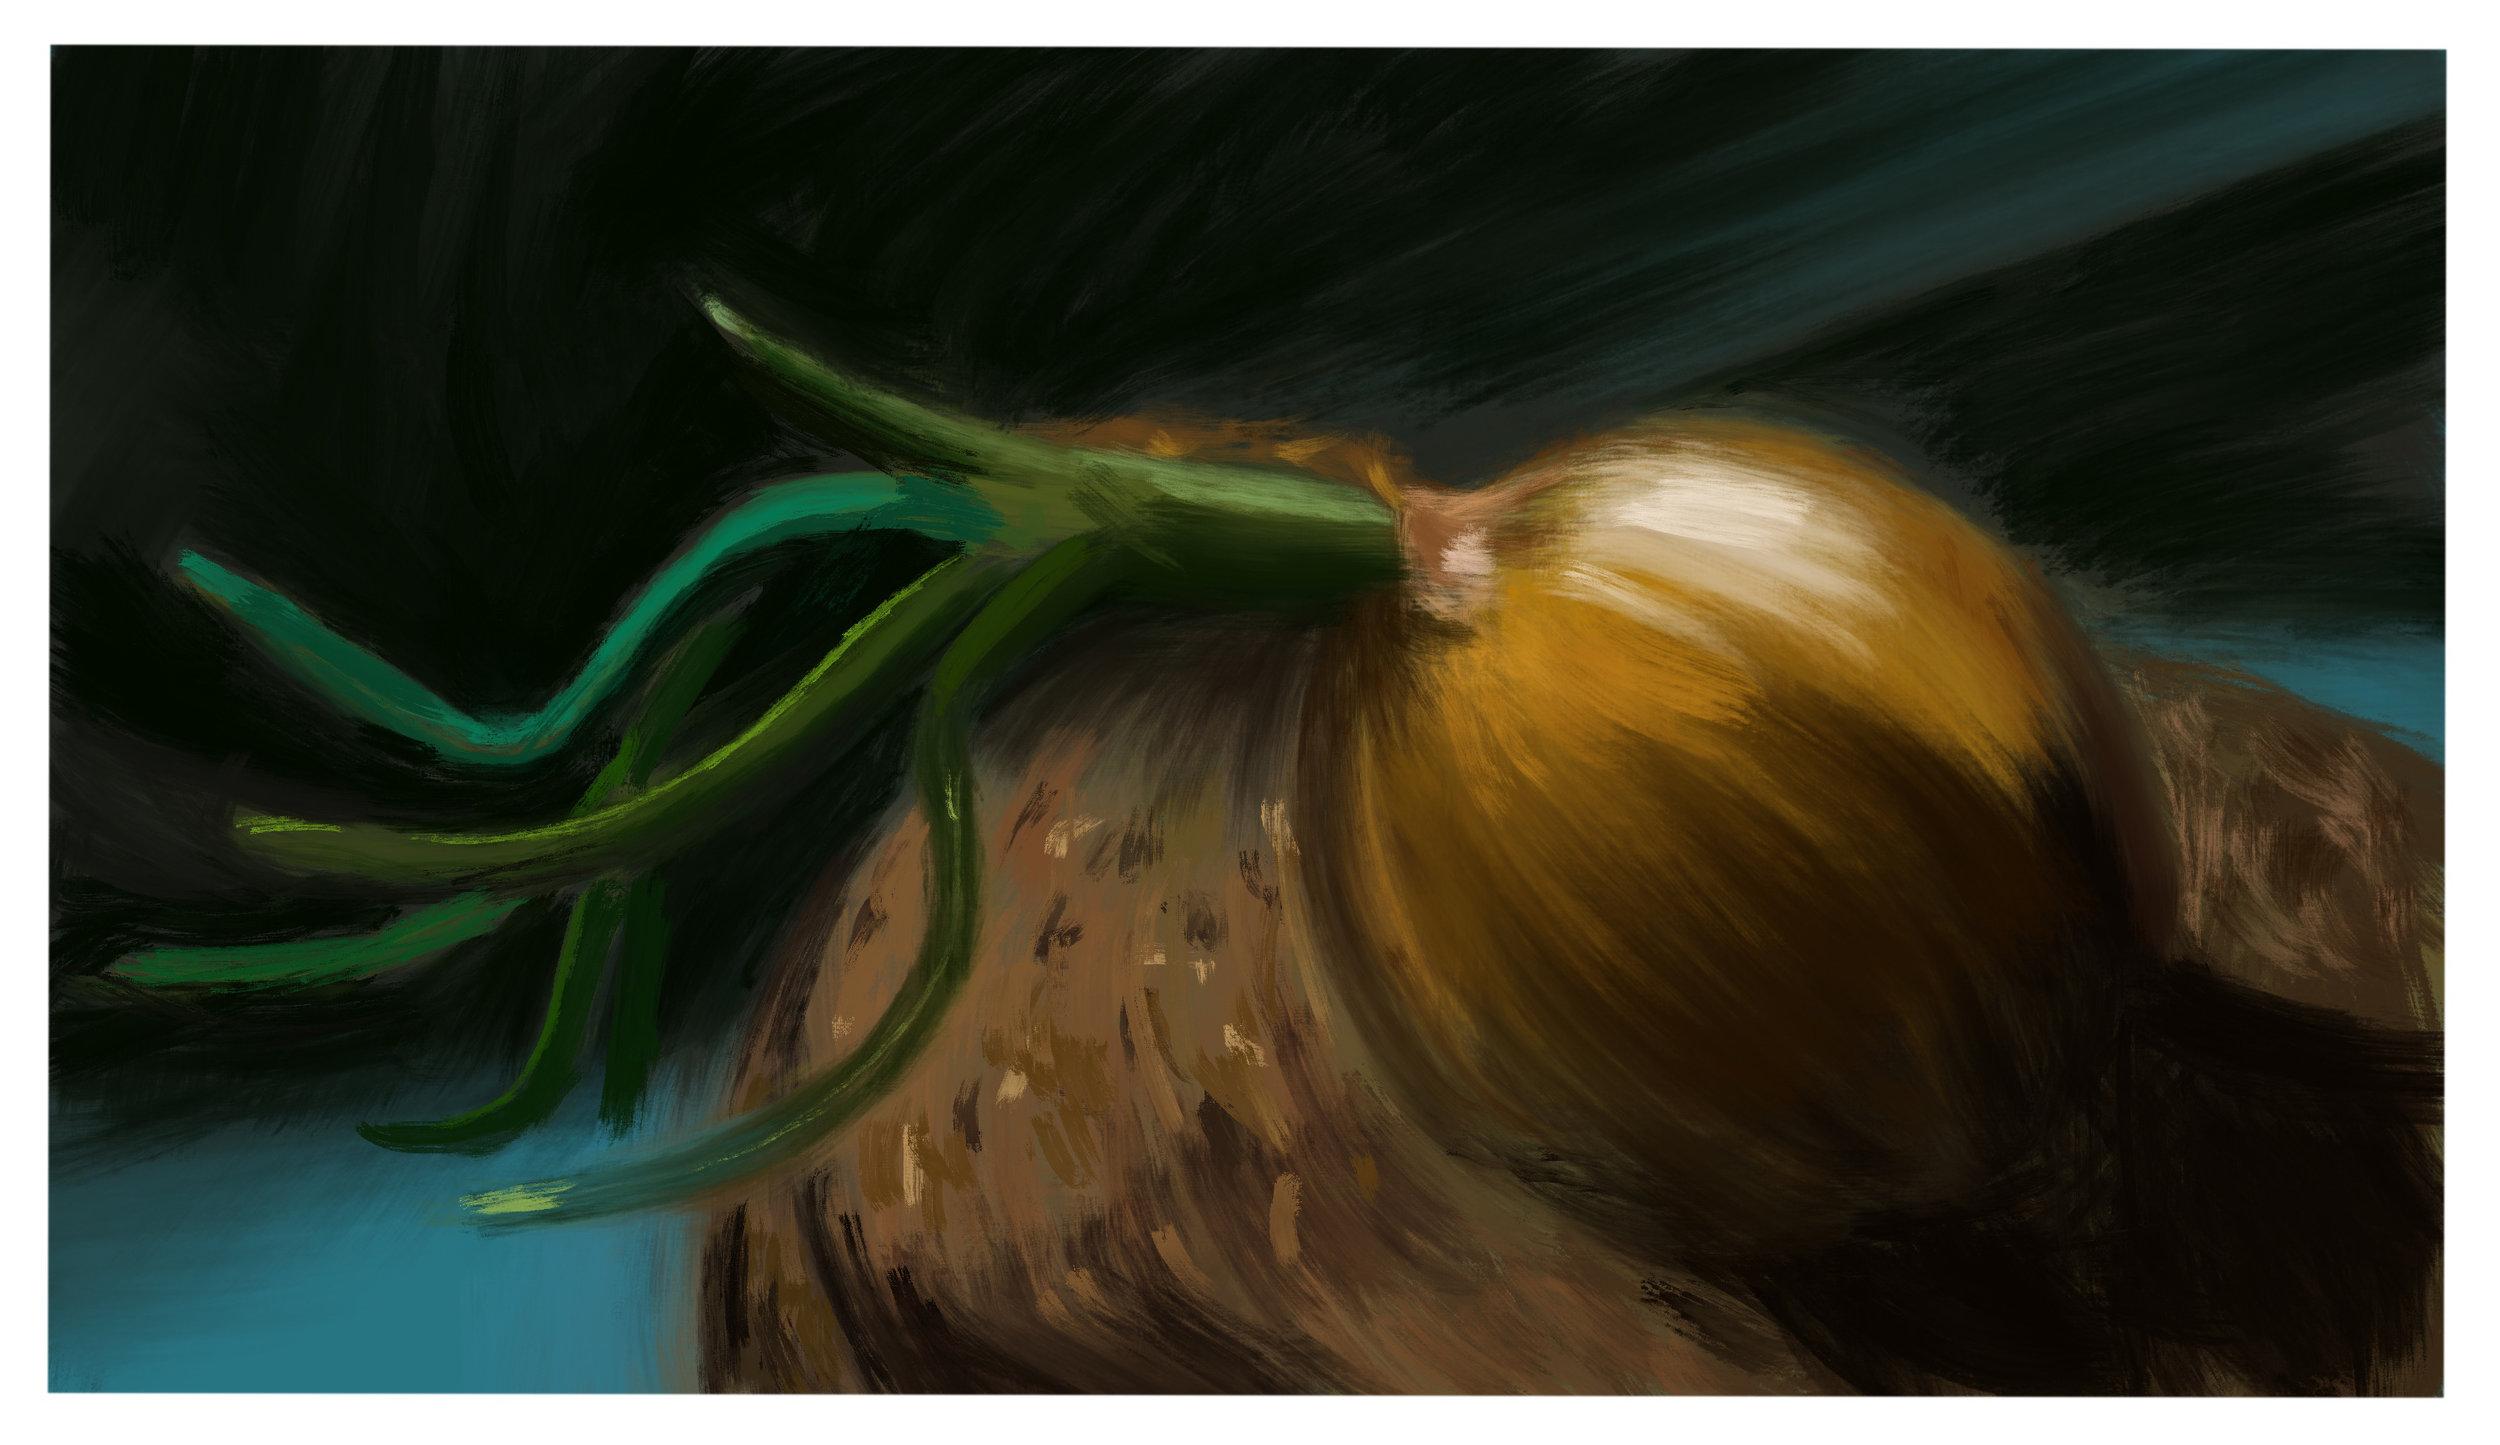 #13_-_Onion_Still_Life.jpg